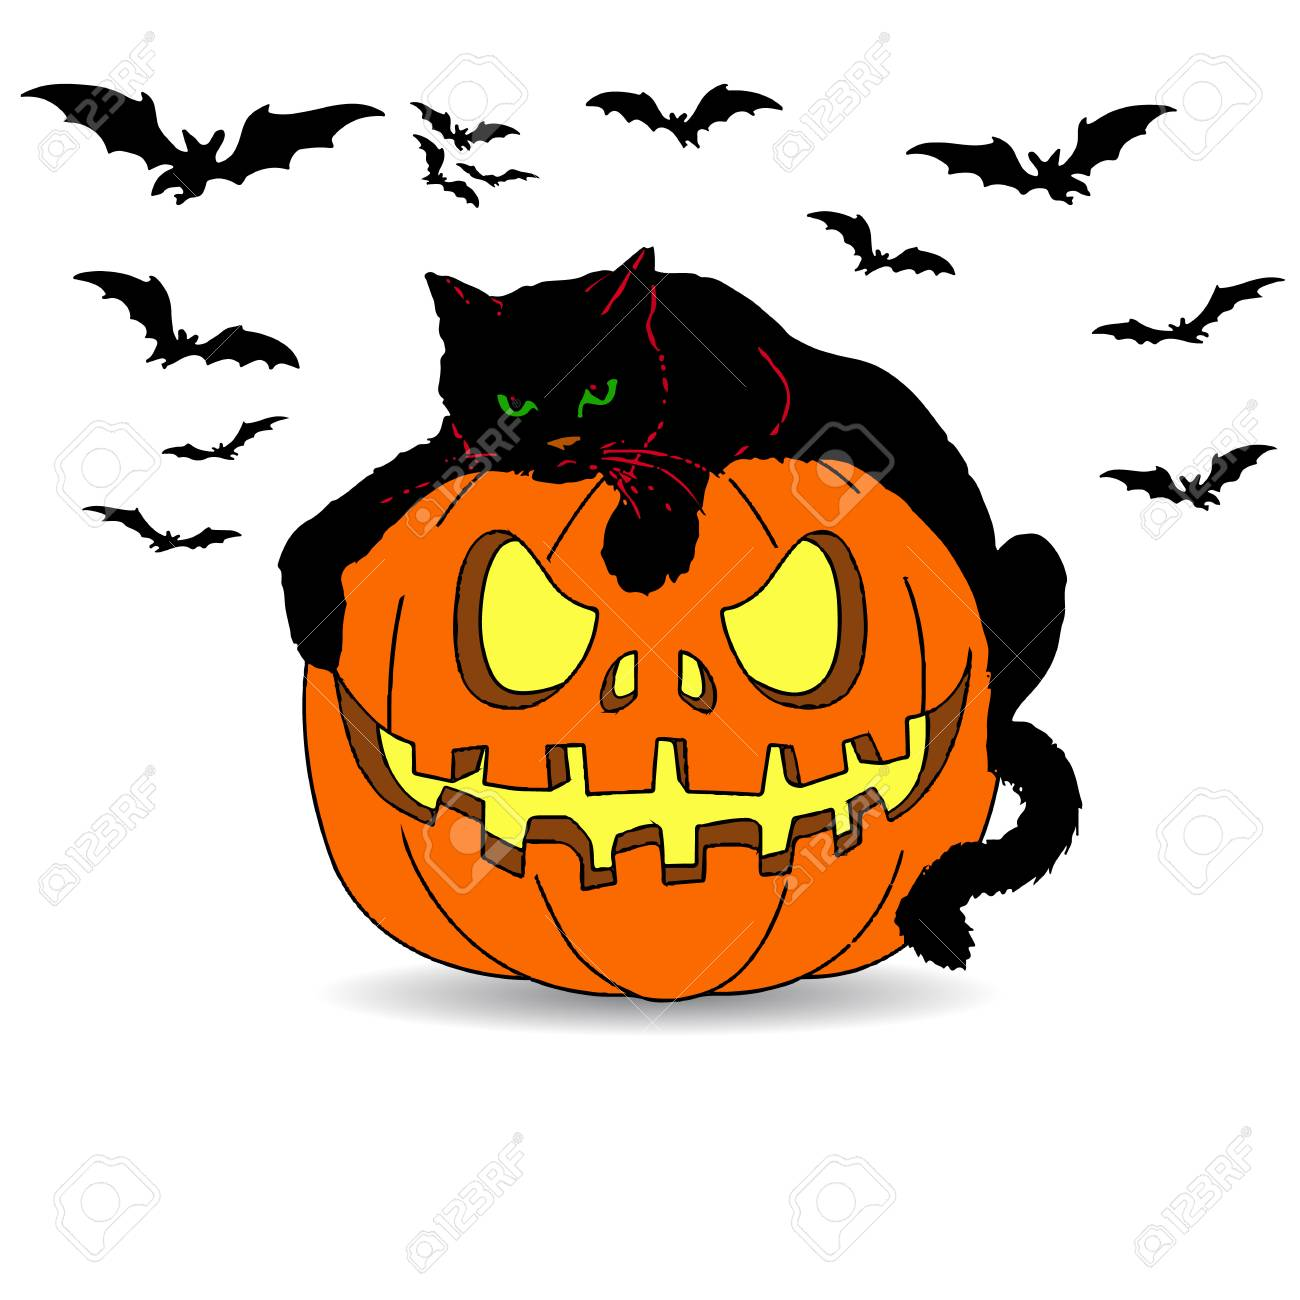 Halloween De Vacances Chat Noir Se Trouve Sur Une Citrouille Dessin Anime Sur Un Fond Blanc Clip Art Libres De Droits Vecteurs Et Illustration Image 87857551